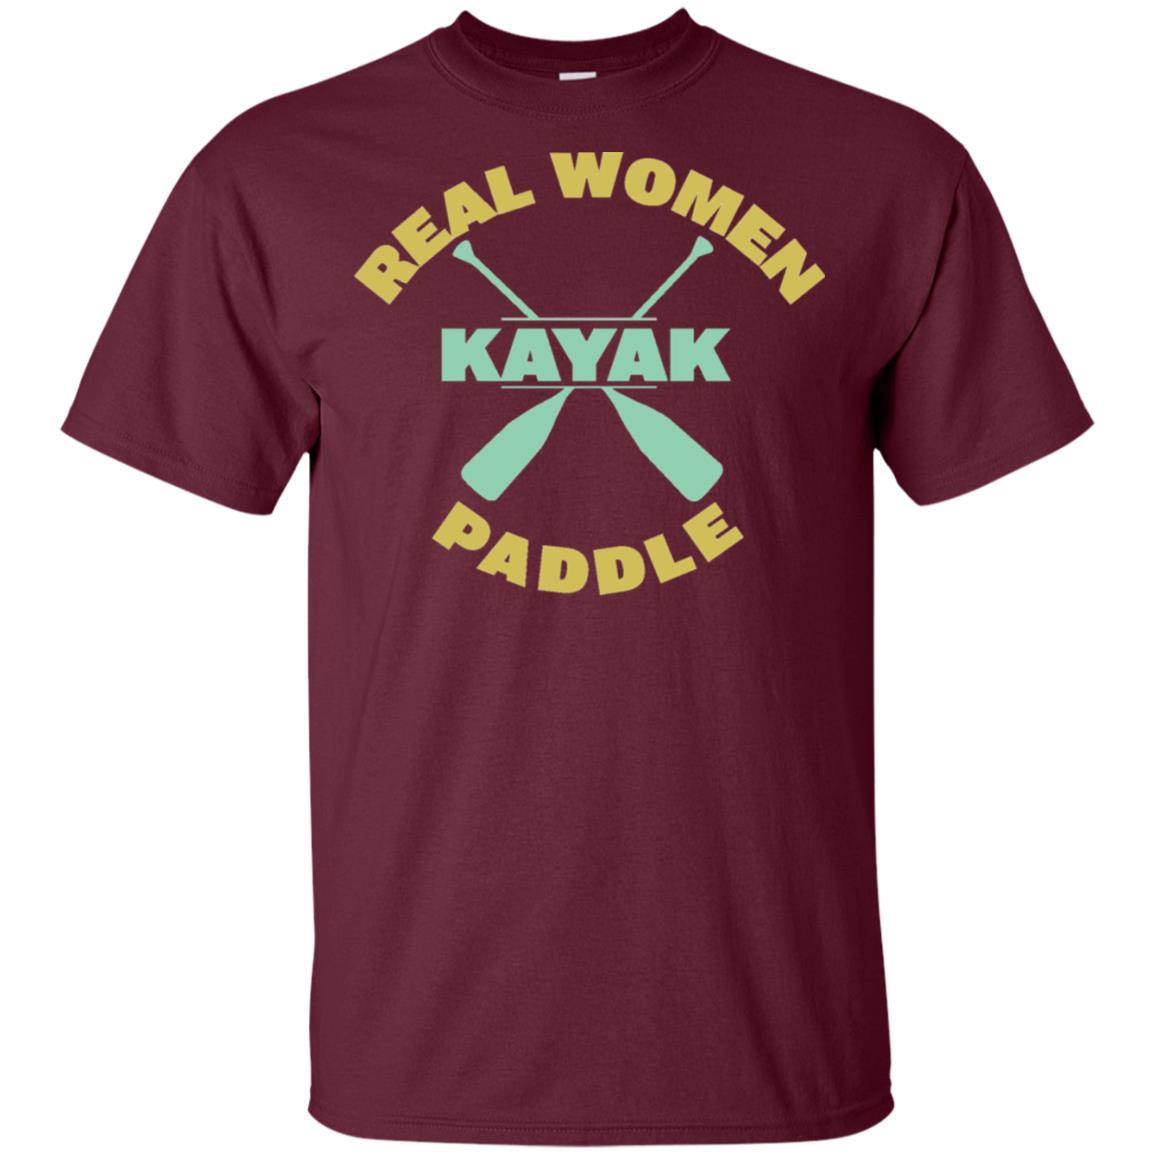 Kayak – Real Women Paddle – Canoeing Unisex Short Sleeve